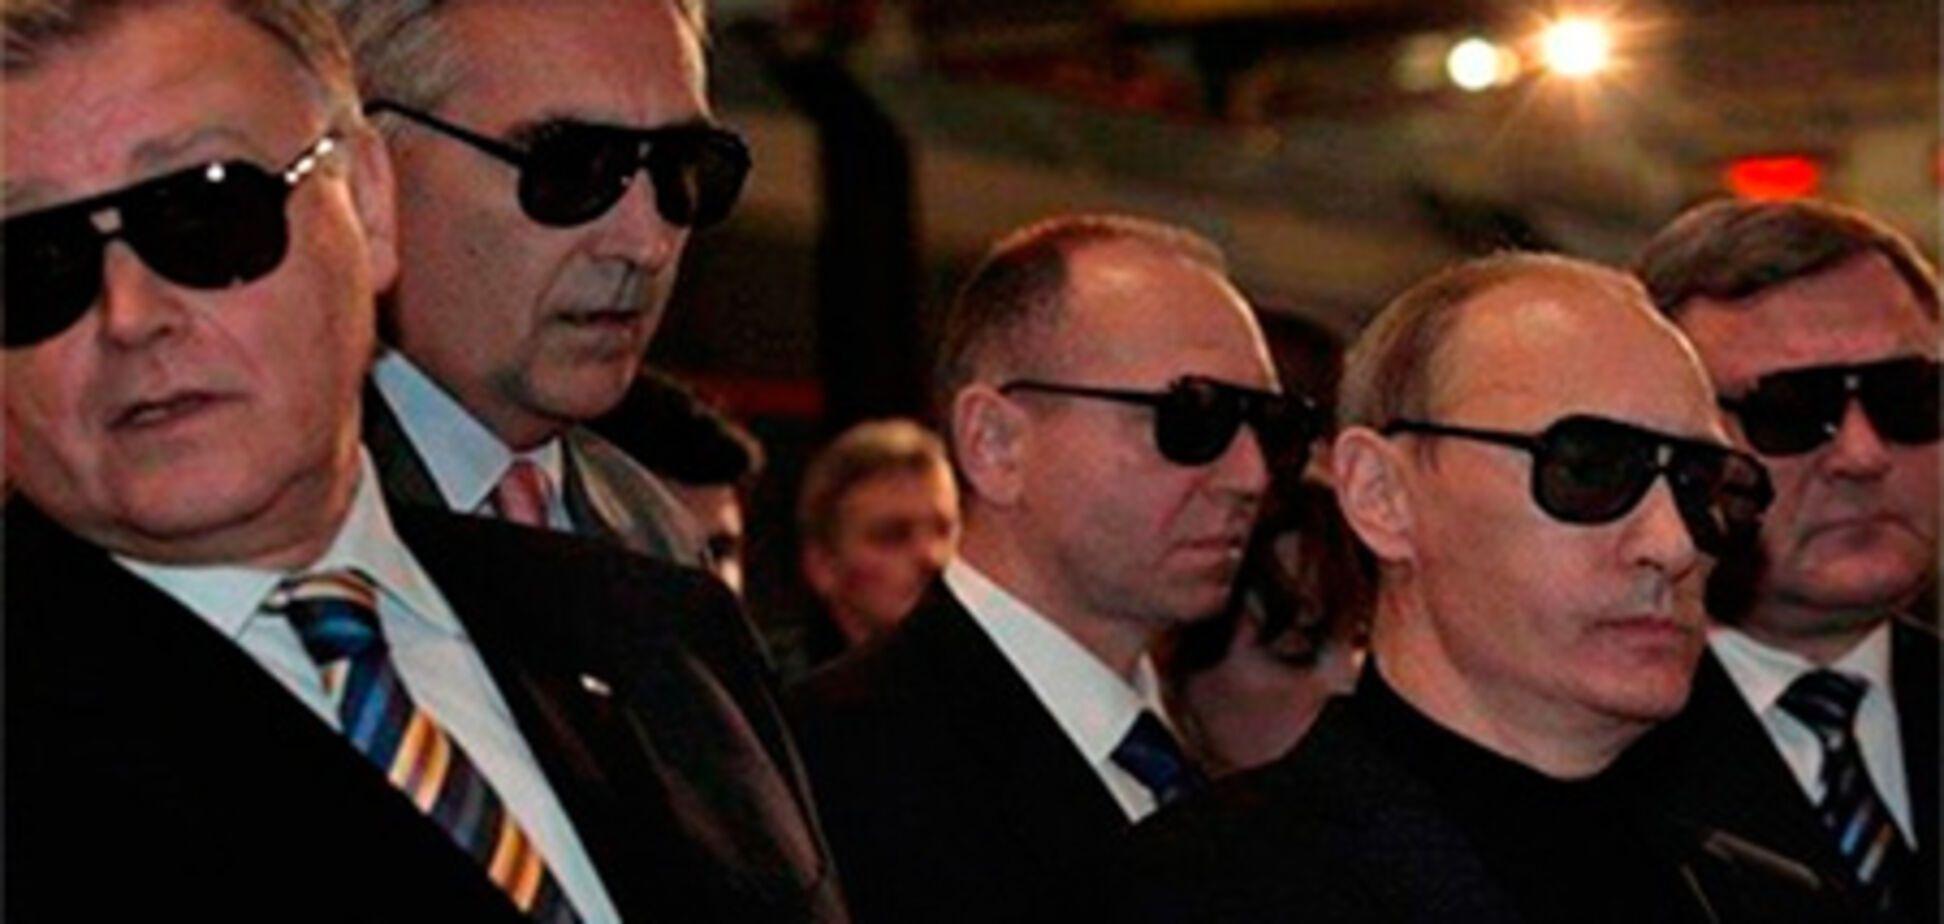 Паника олигархов Путина из-за санкций США: раскрыты трагичные последствия для Кремля